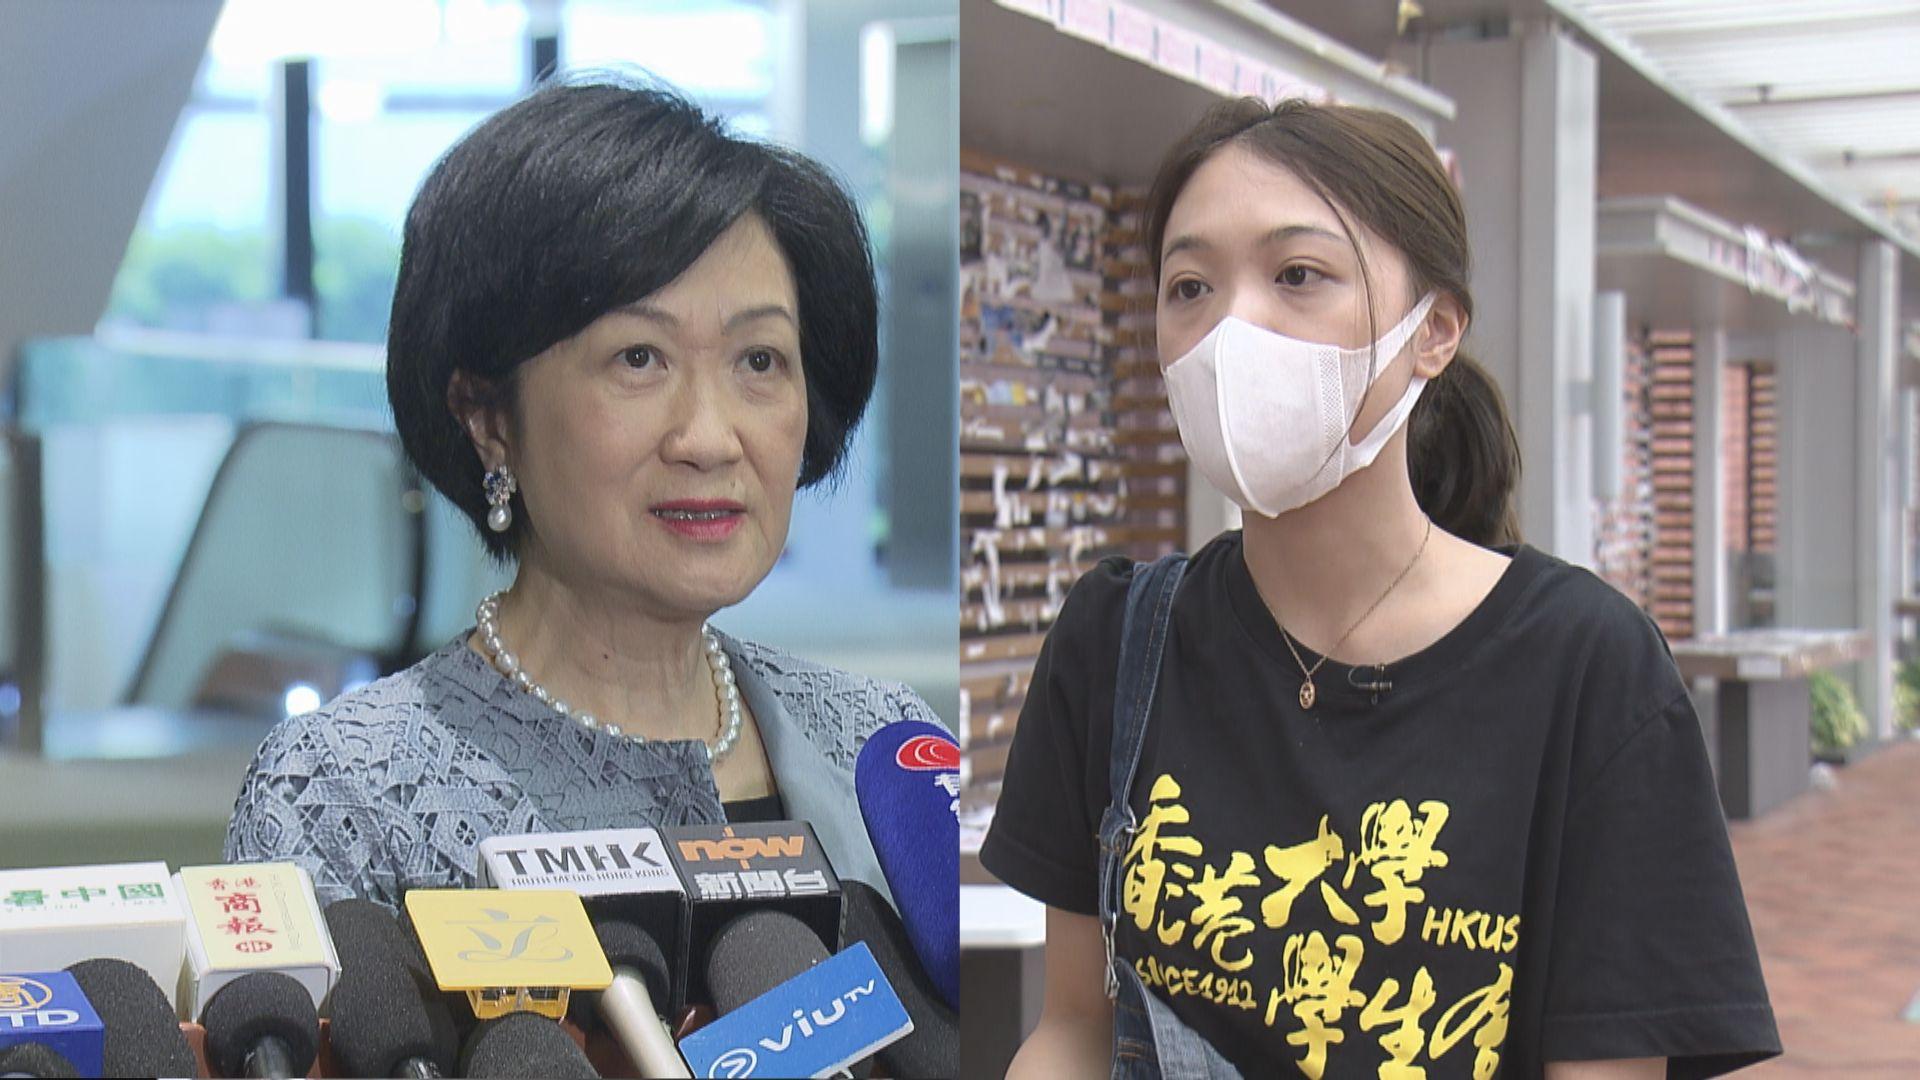 港大學生會:校方應先釋疑慮才委任副校 葉劉:學生反應過敏